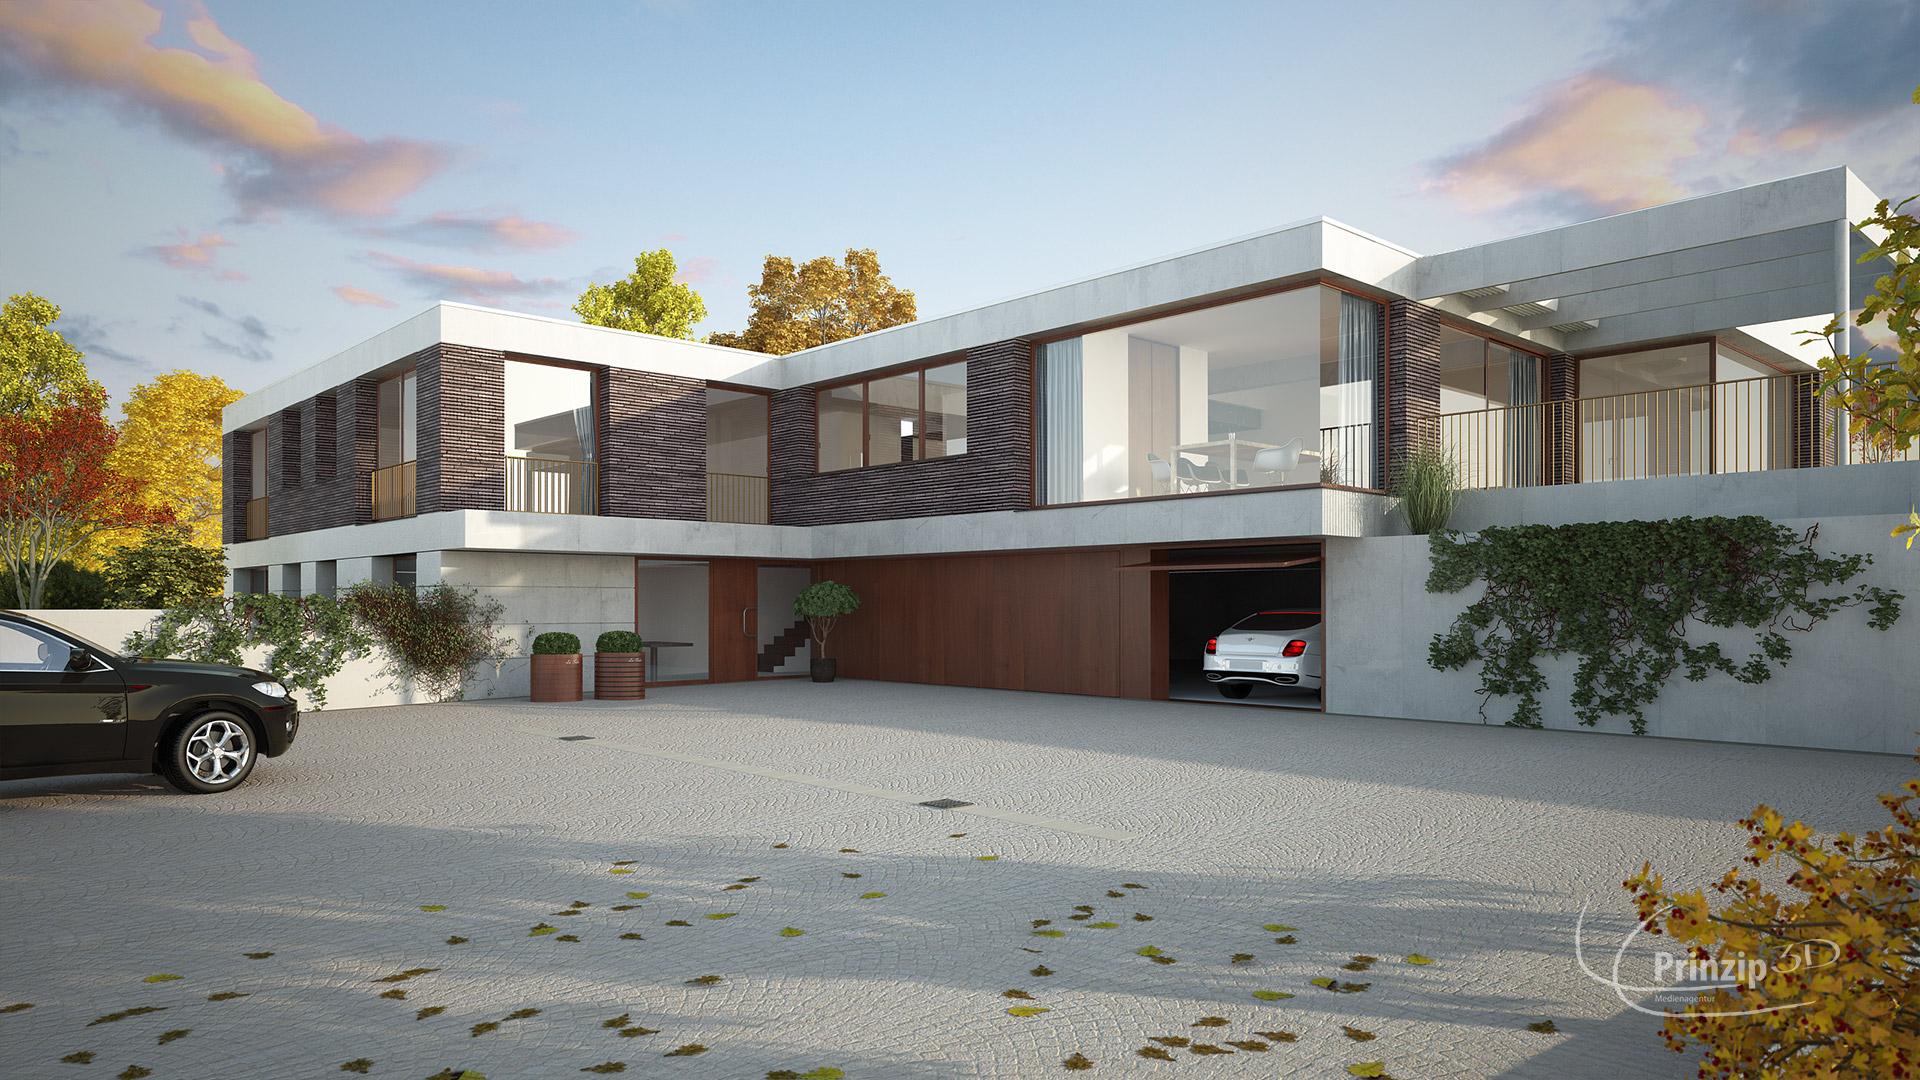 3d Architekturvisualisierung 3d visualisierung prinzip 3d medienagentur werbeagentur aus berlin